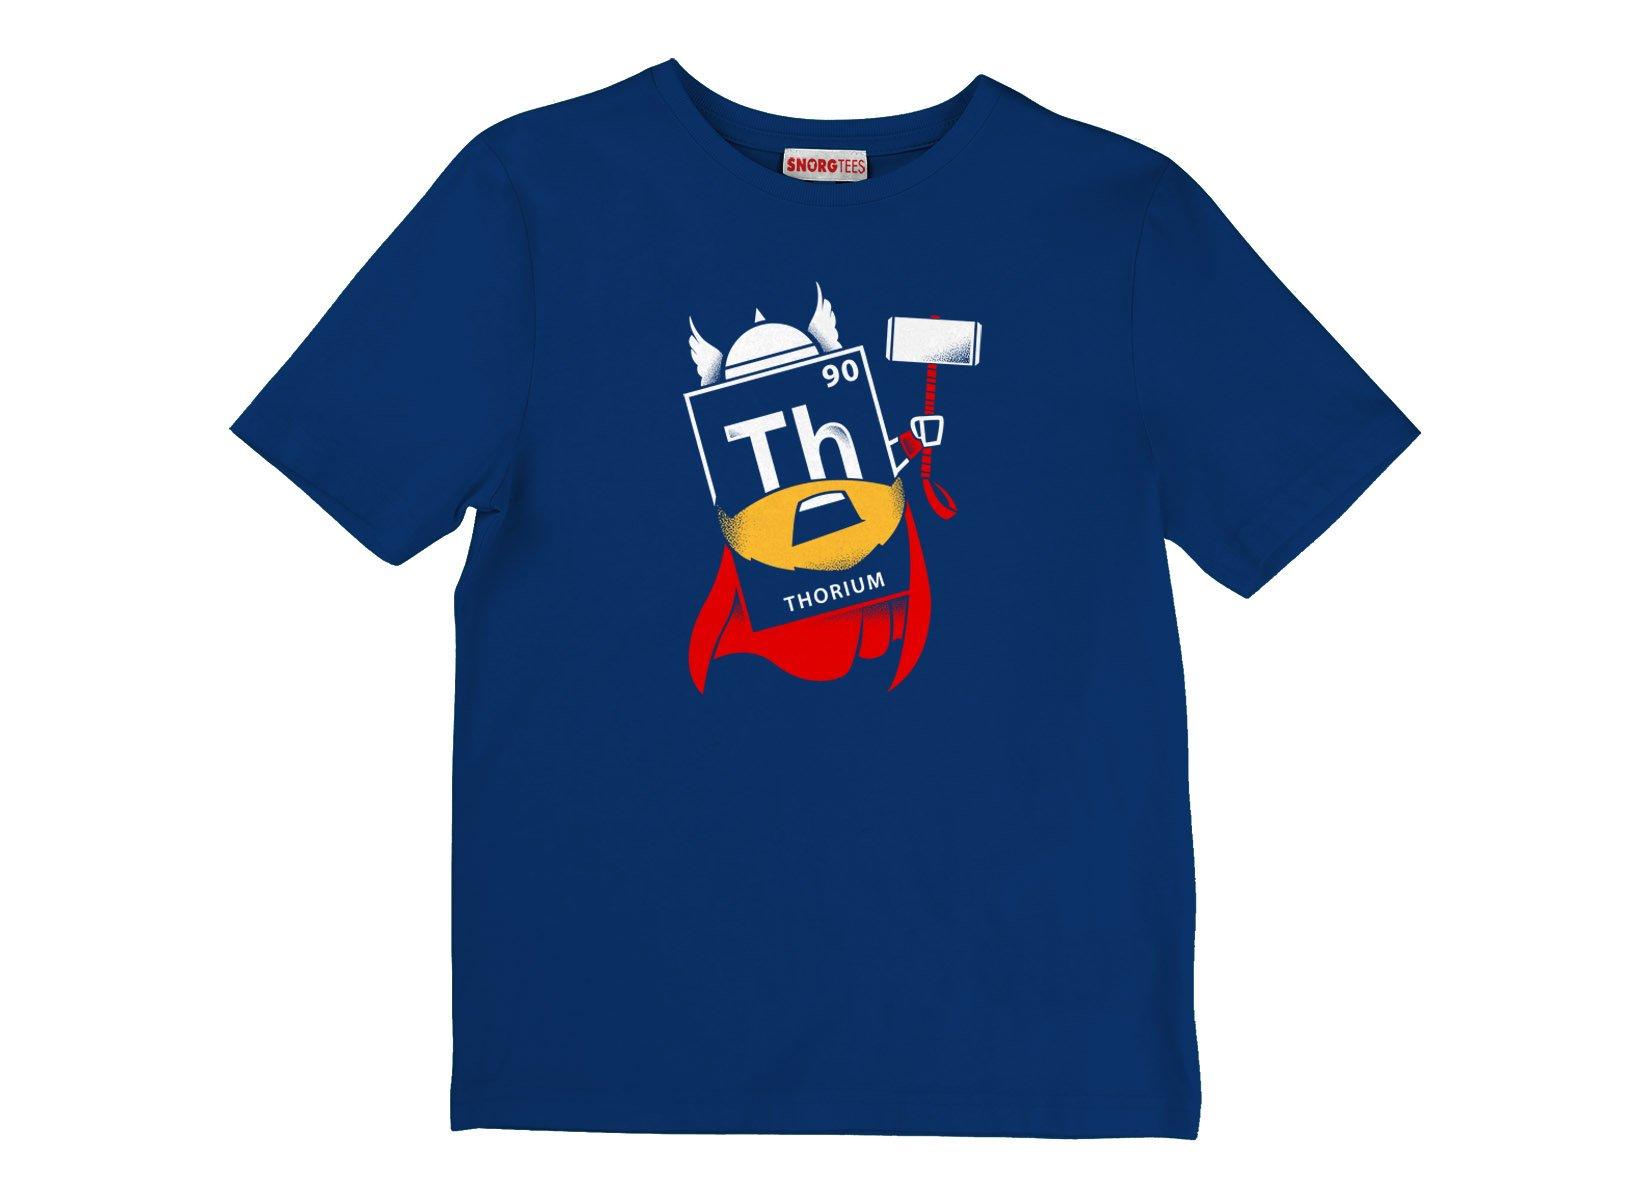 Thorium on Kids T-Shirt